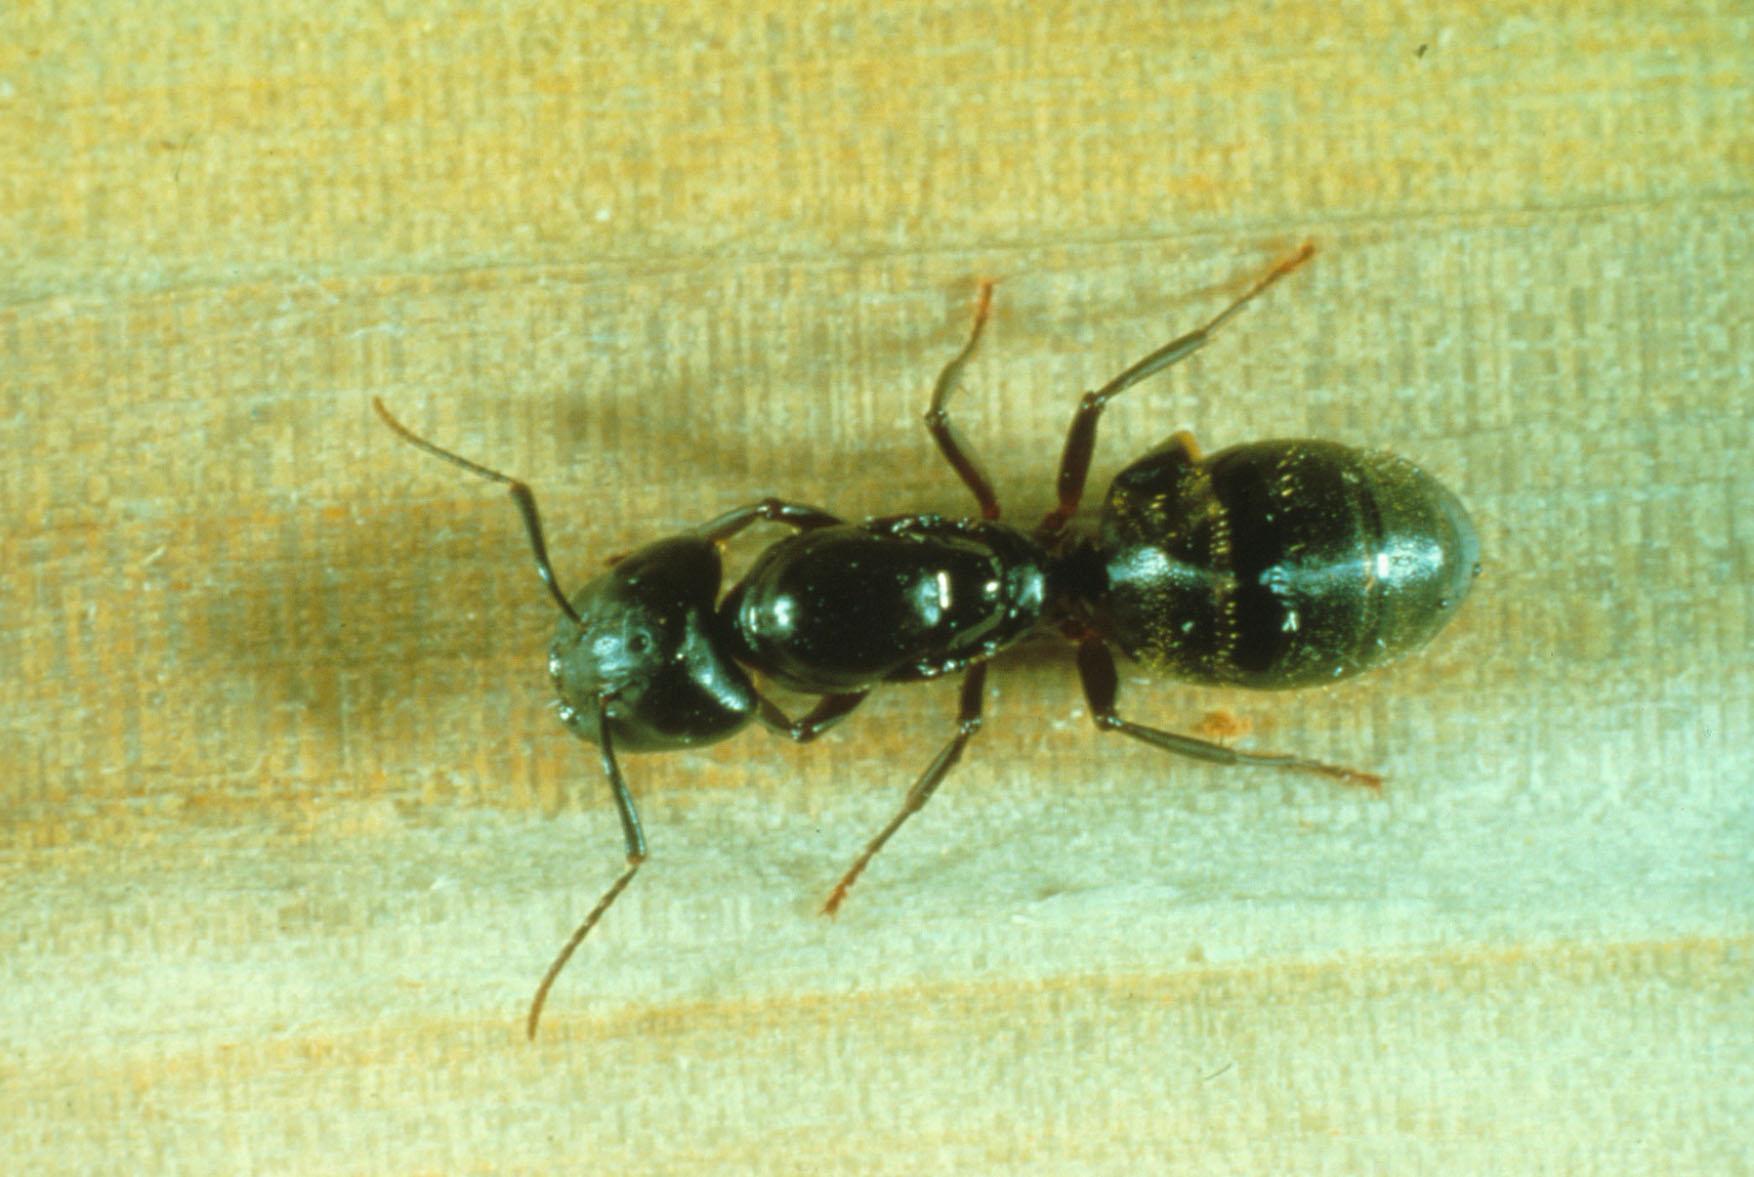 Eloigner Les Fourmis Au Jardin des fourmis dans la maison | espace pour la vie